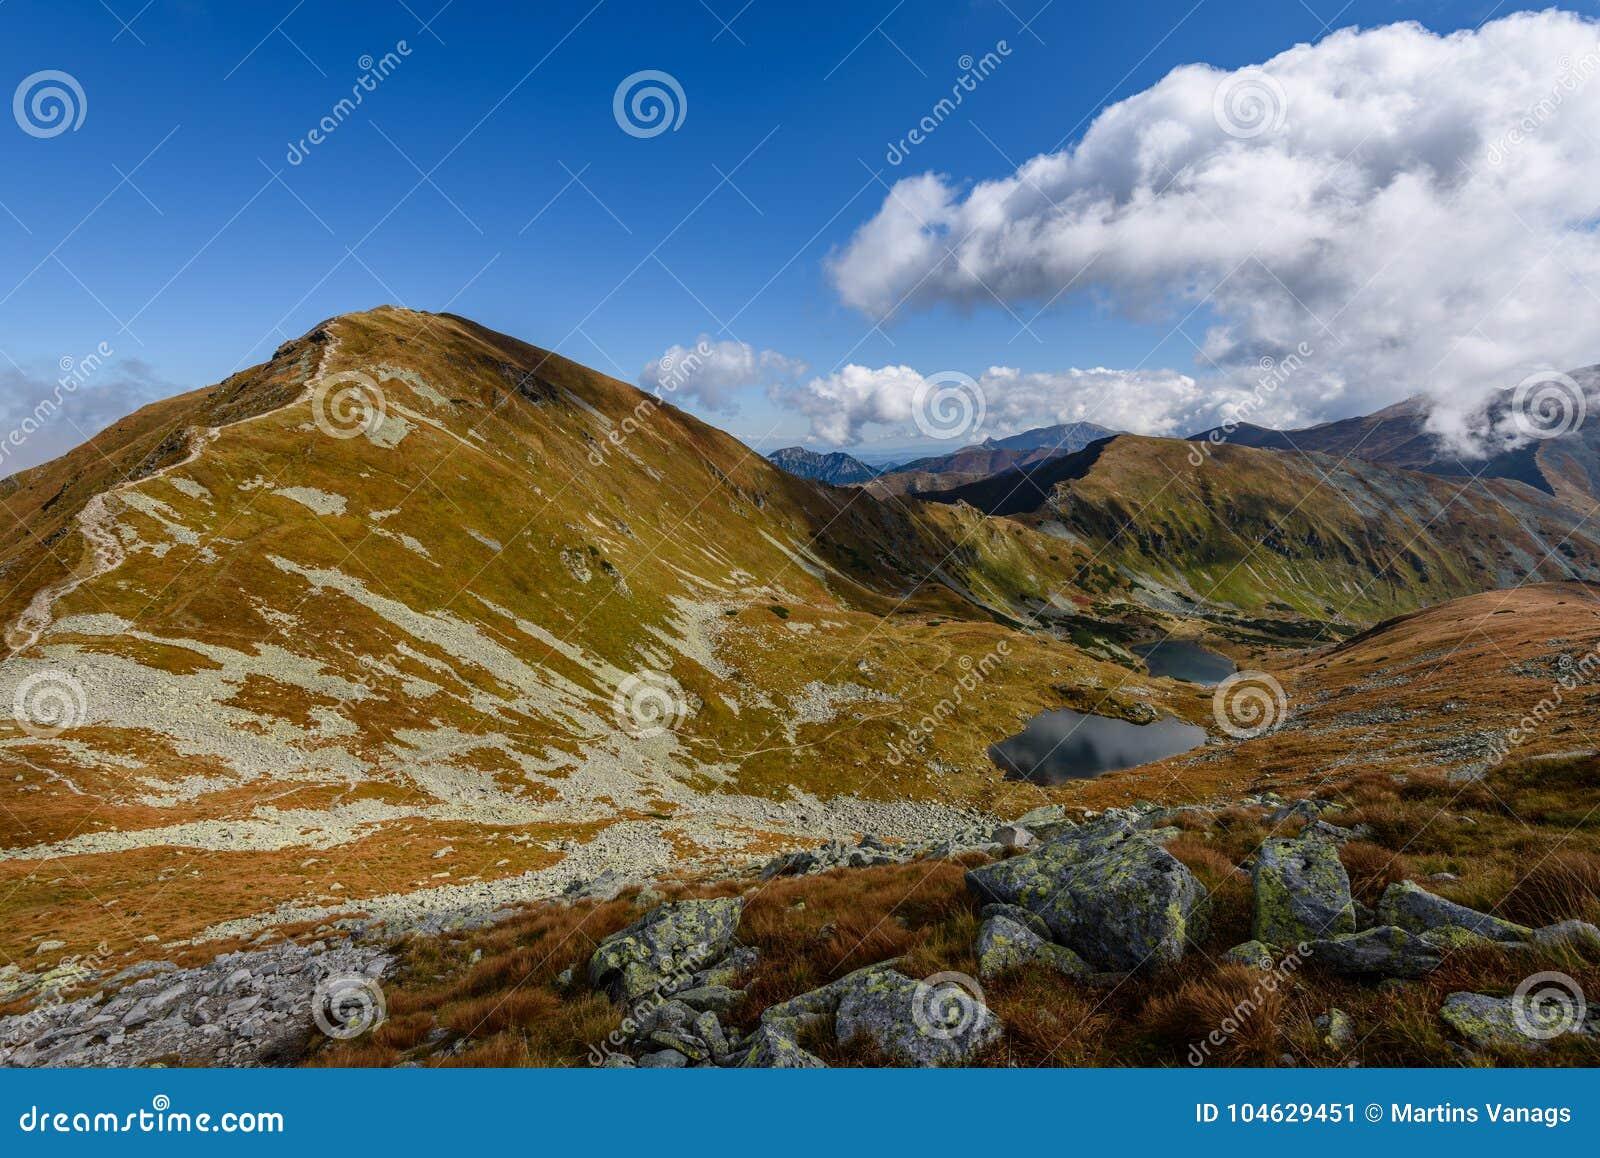 Download De Rotsachtige Mening Van Het Berg Piekgebied In Slowakije Stock Afbeelding - Afbeelding bestaande uit nevelig, berg: 104629451